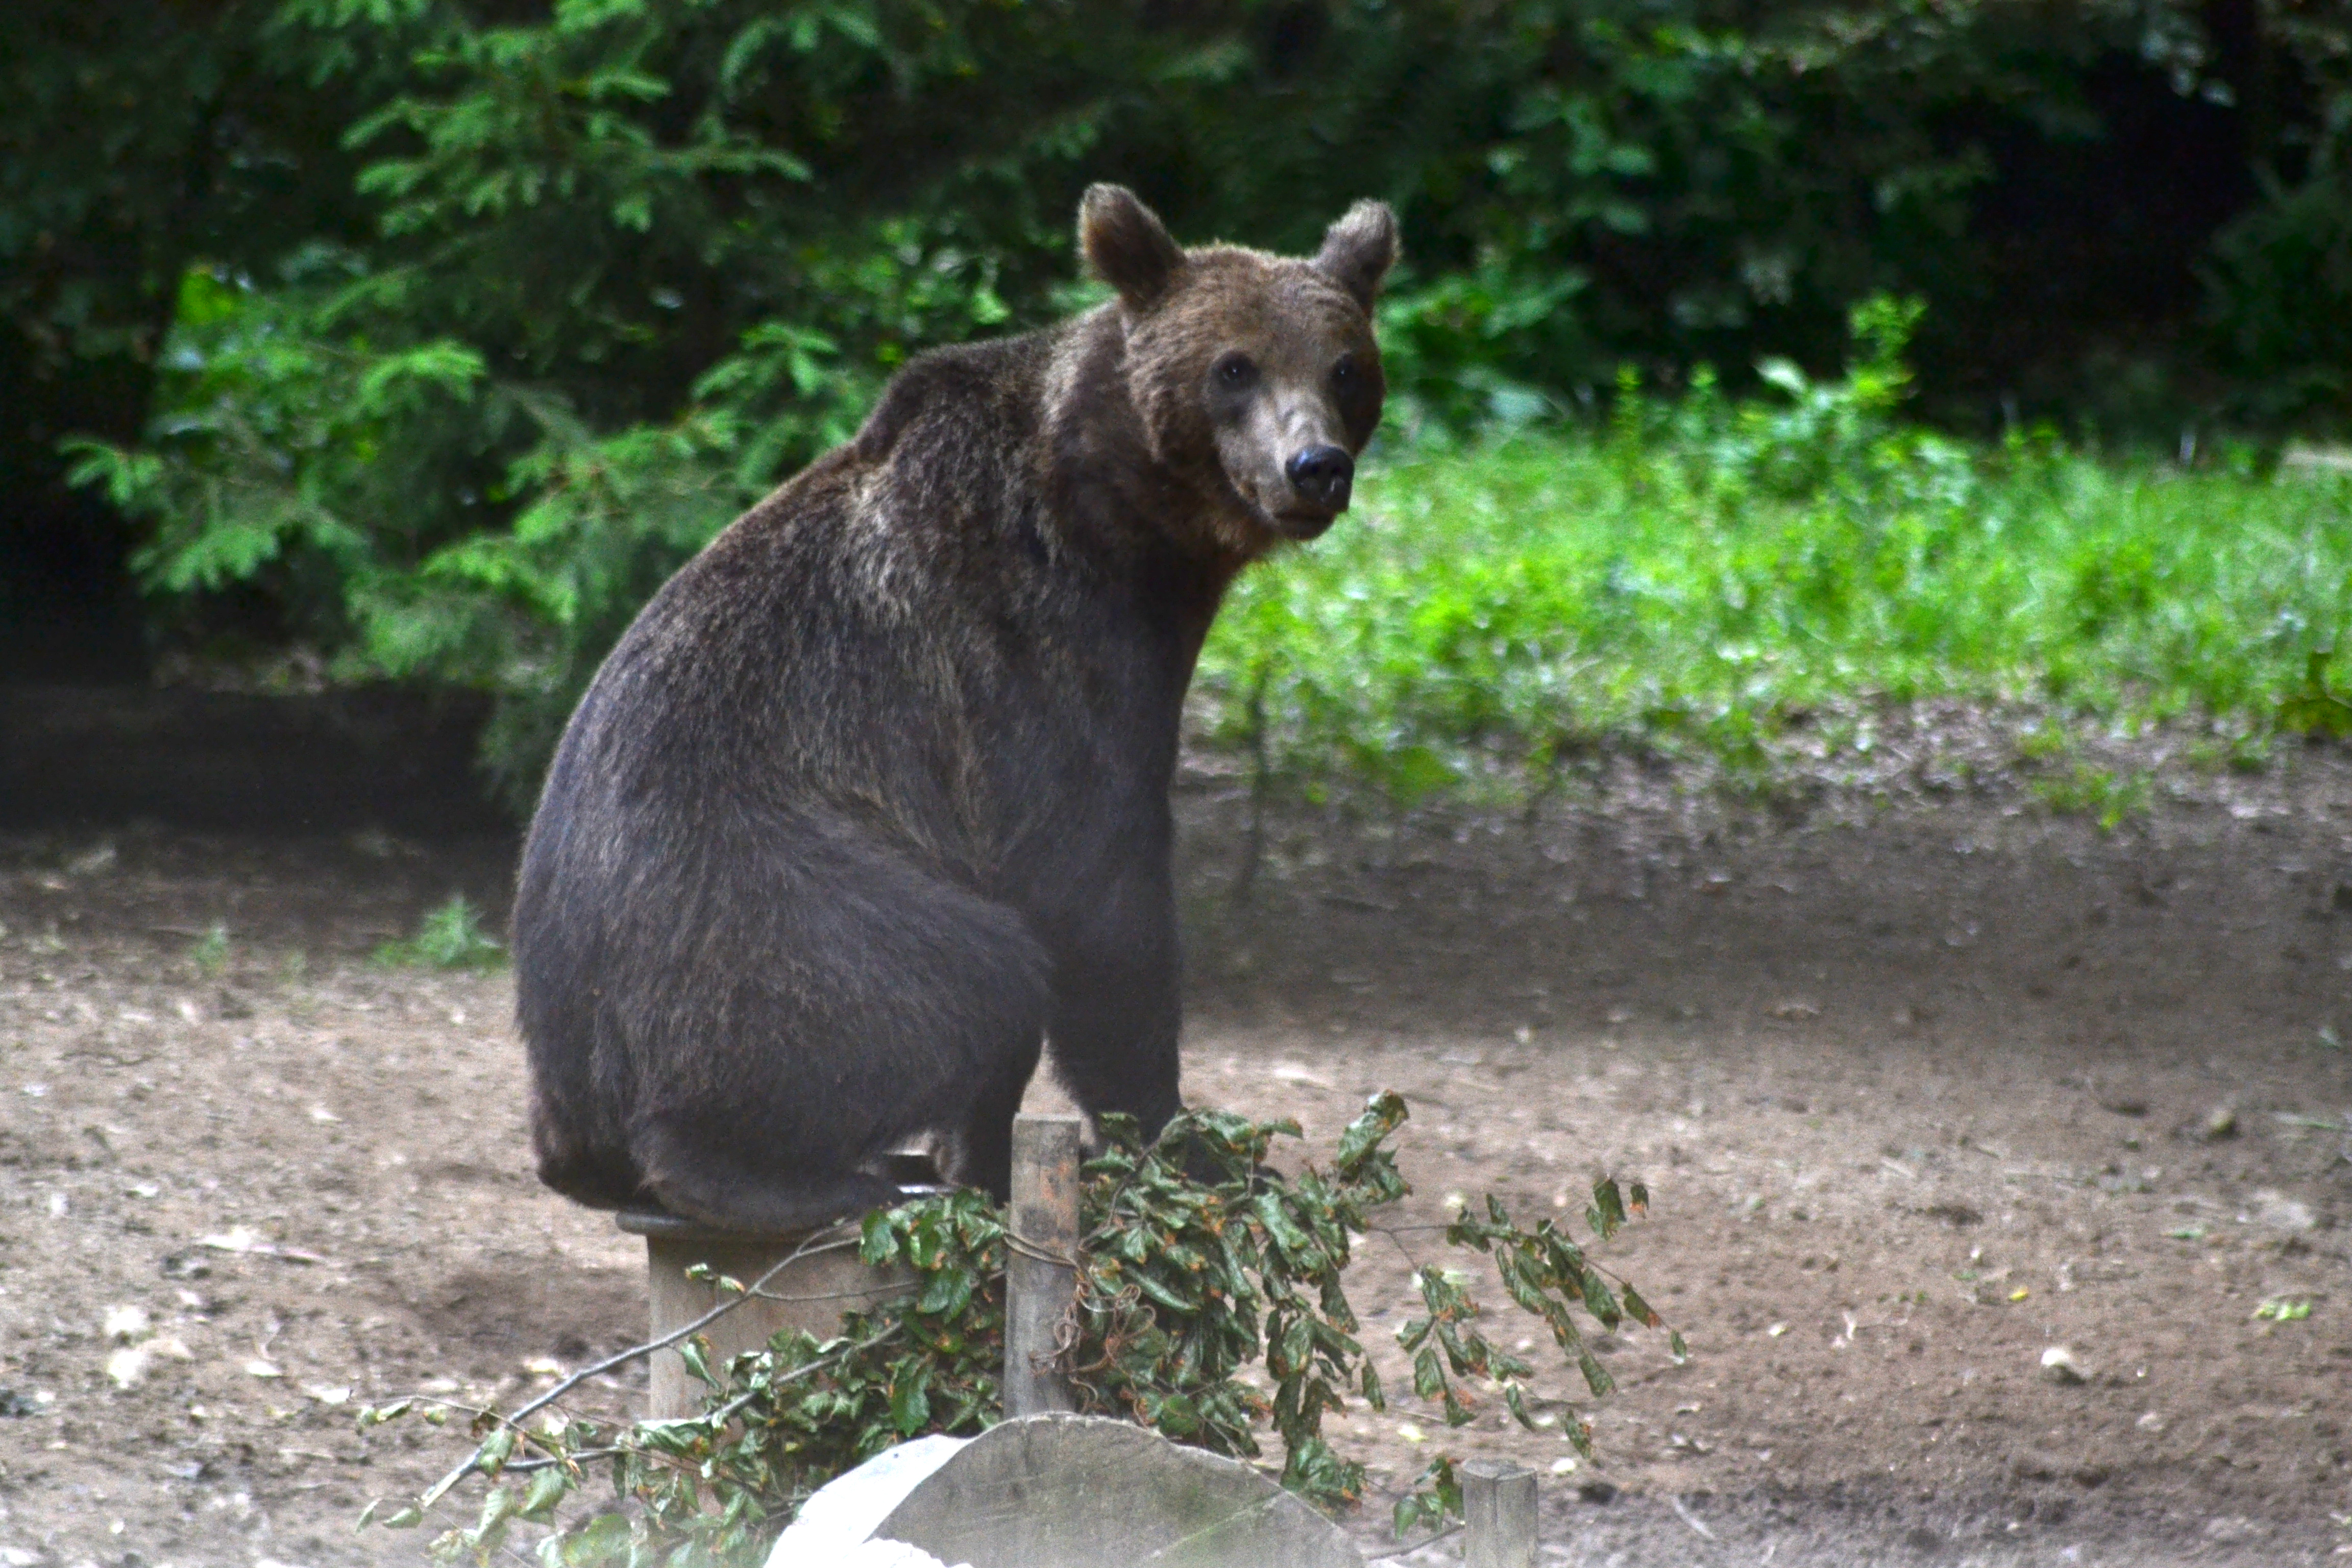 25 de euro, preţul pe care îl plăteşte un turist la Râşnov, pentru a admira sau fotografia urşi, lupi şi râşi. Cât durează sezonul de observare şi ce peisaje spectaculoase pot fi văzute